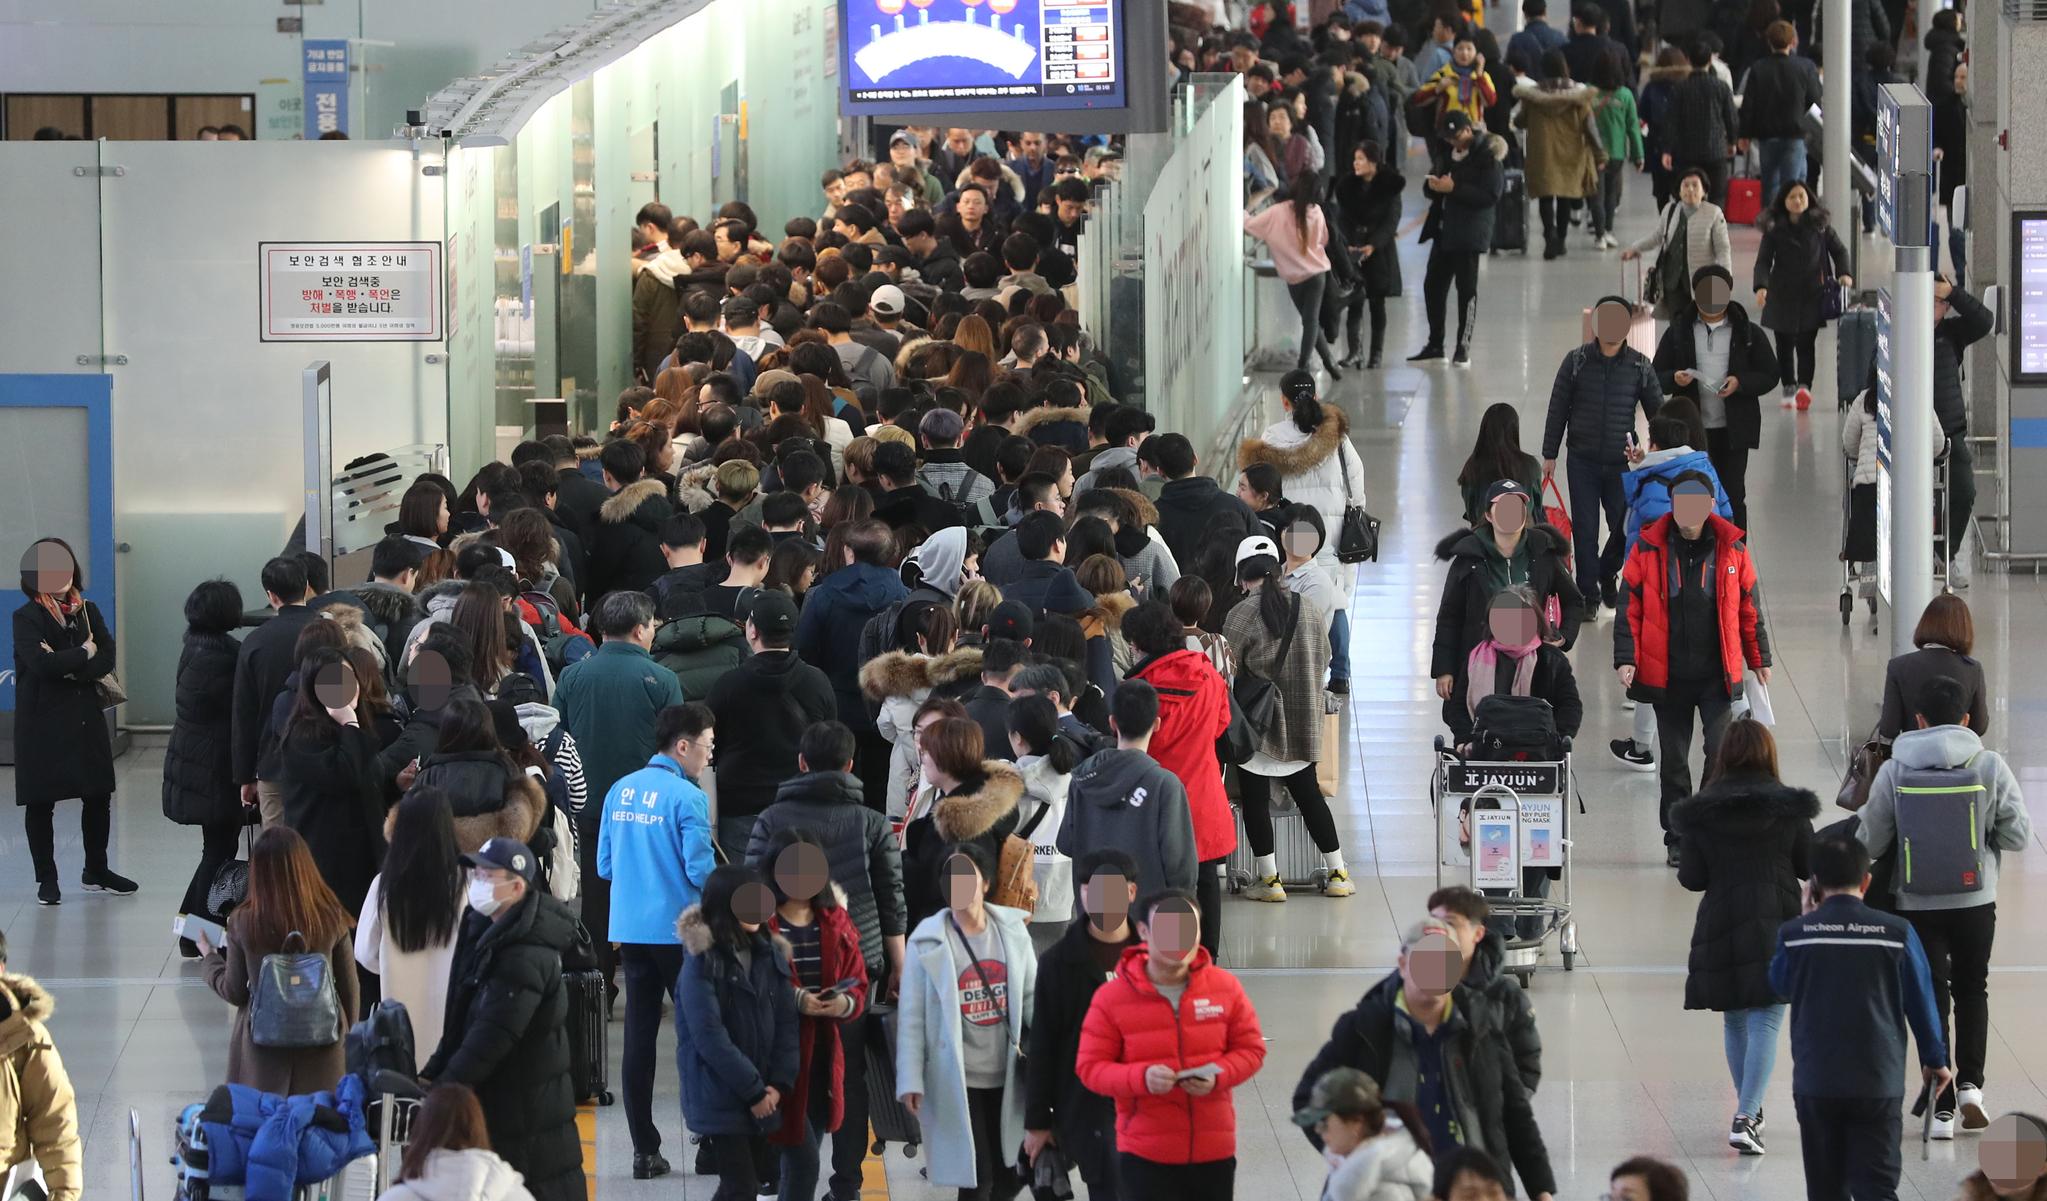 중동 항공사의 환승객 유치 규모가 커지면 커질 수록 인천공항 허브화는 더 어려워진다. [연합뉴스]